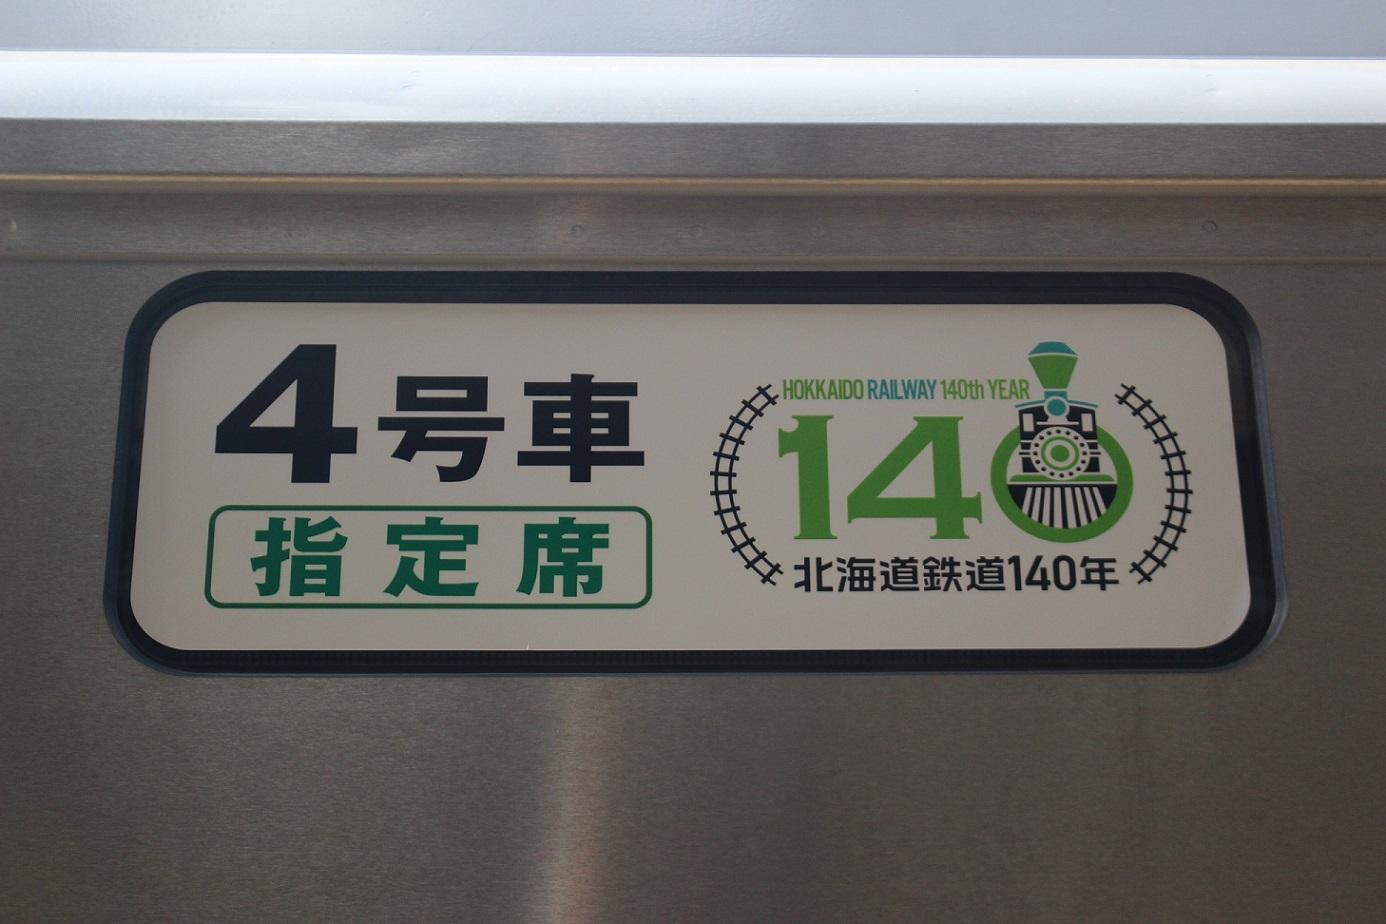 はまなす北海道鉄道140周年記念号a108